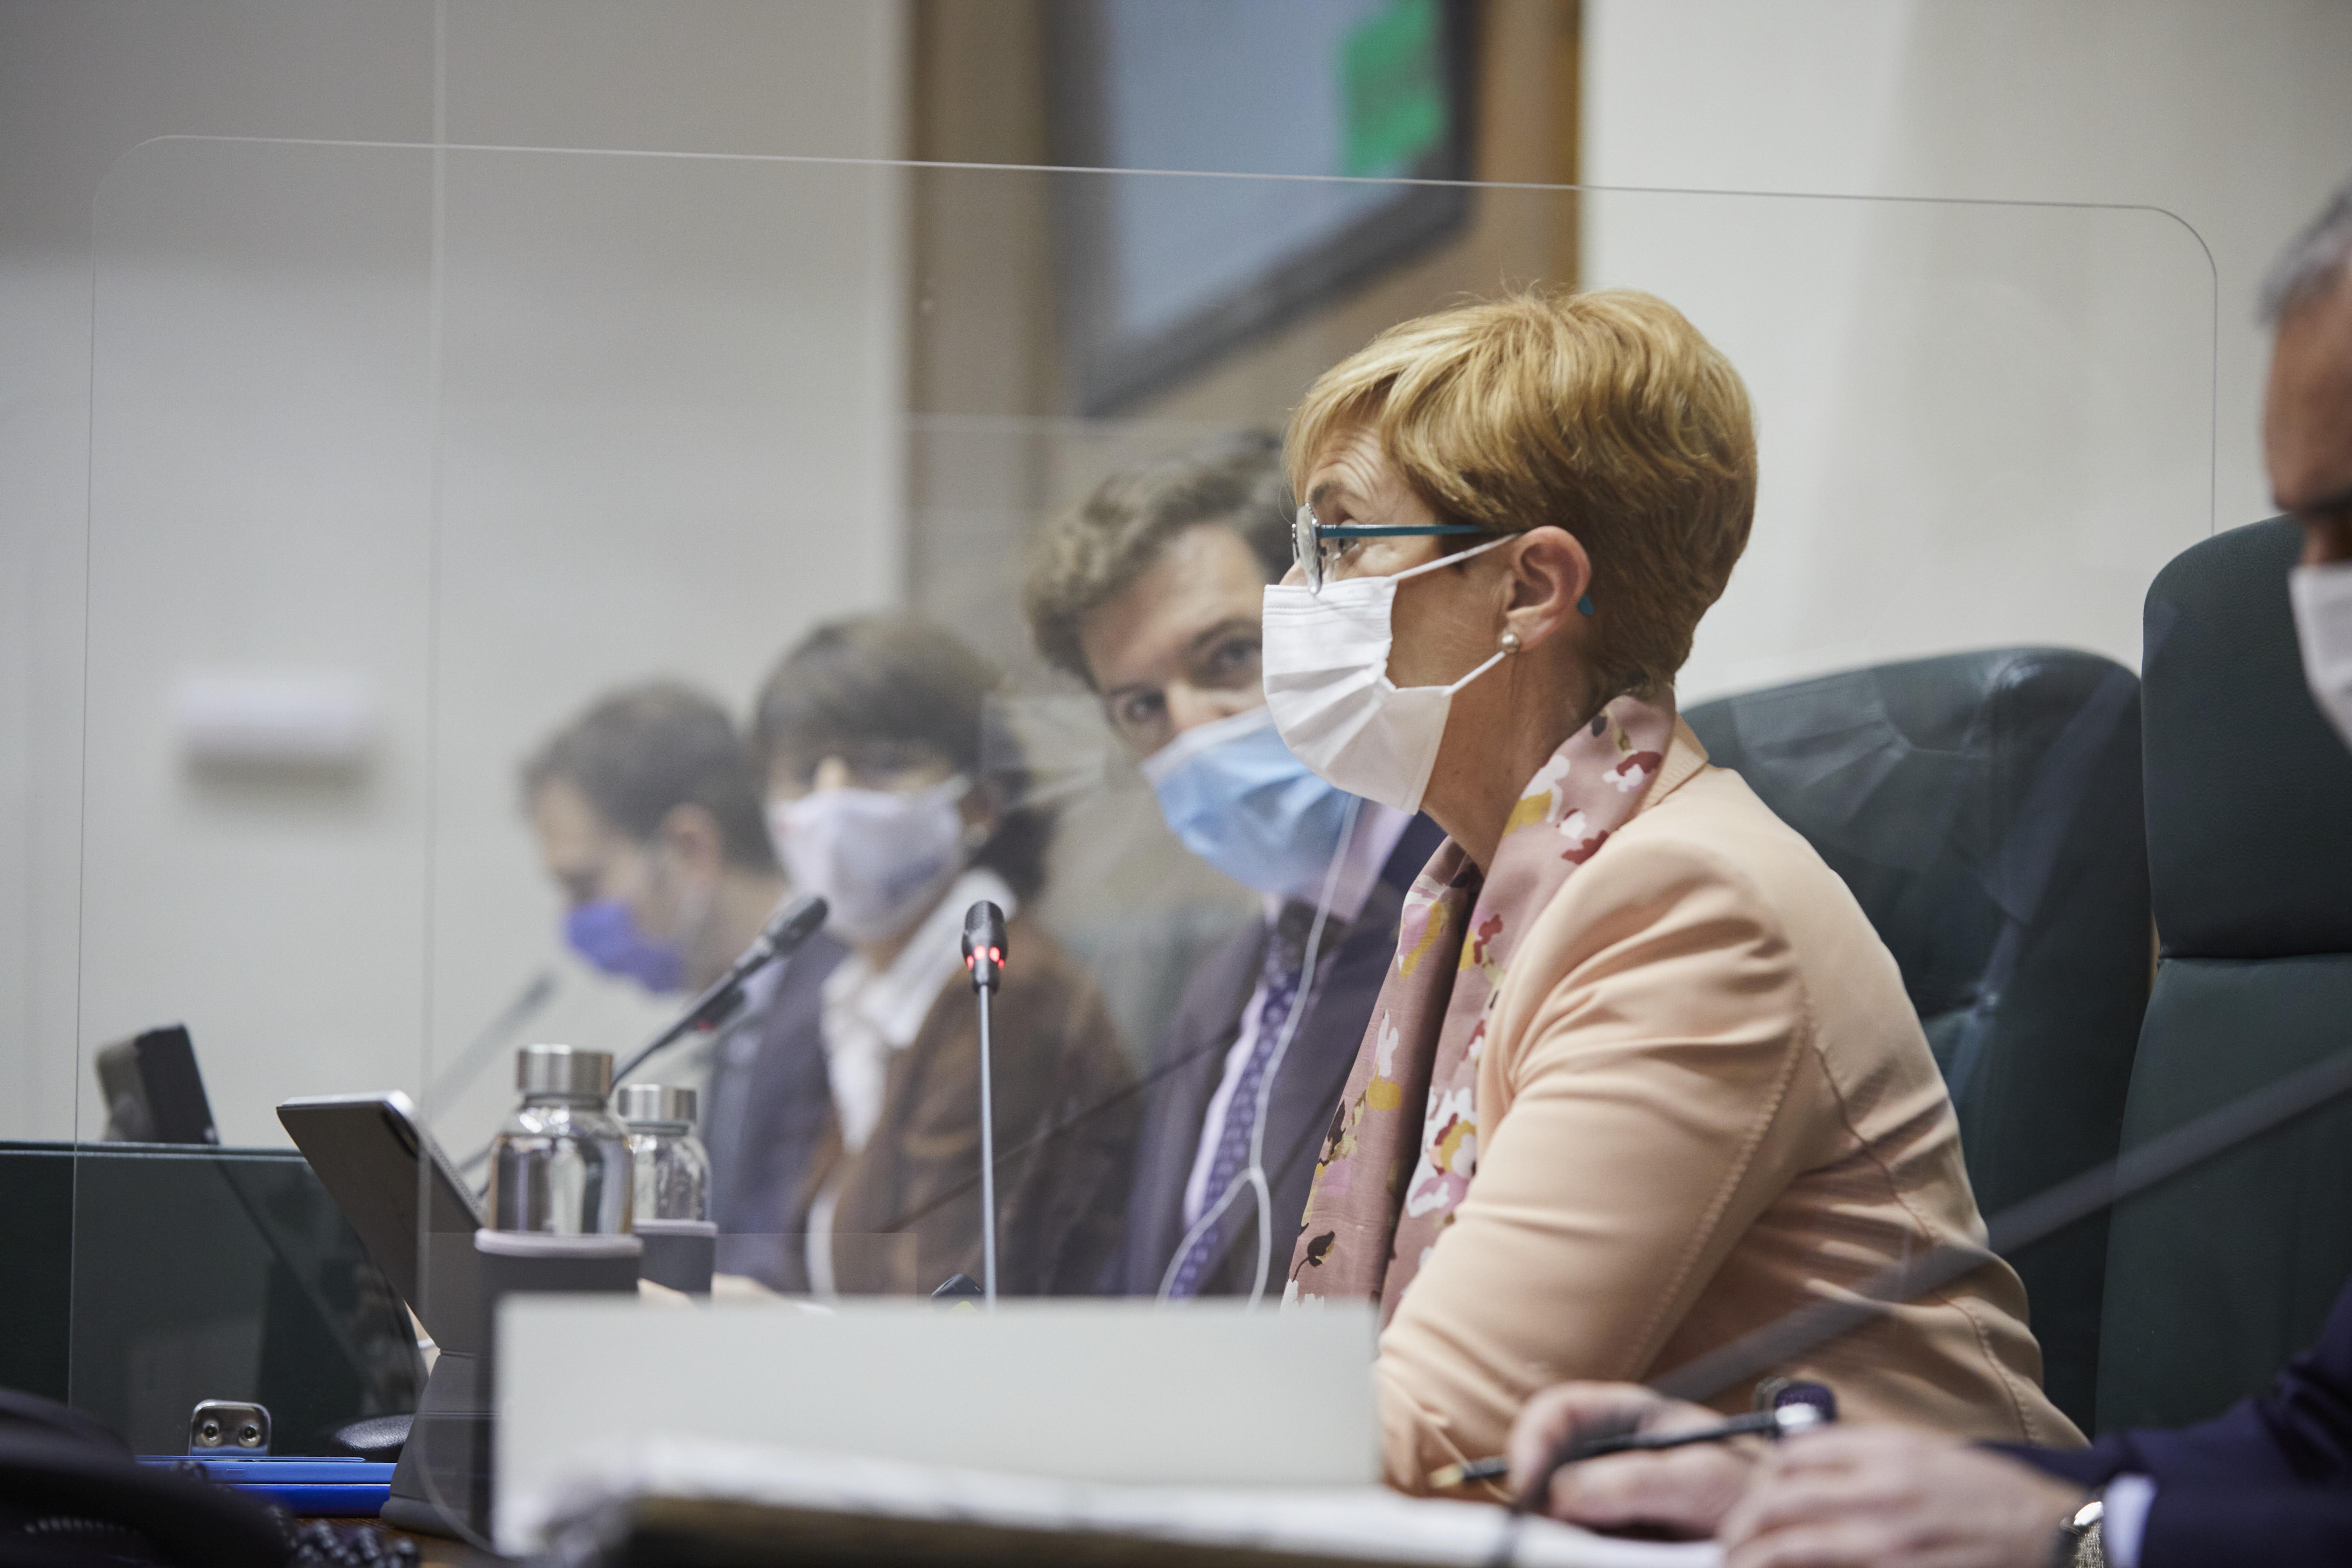 El Departamento de Desarrollo Económico, Sostenibilidad y Medio Ambiente dispone de un presupuesto de 654,1 MM de euros al servicio de la reactivación económica y el desarrollo sostenible de Euskadi [120:51]